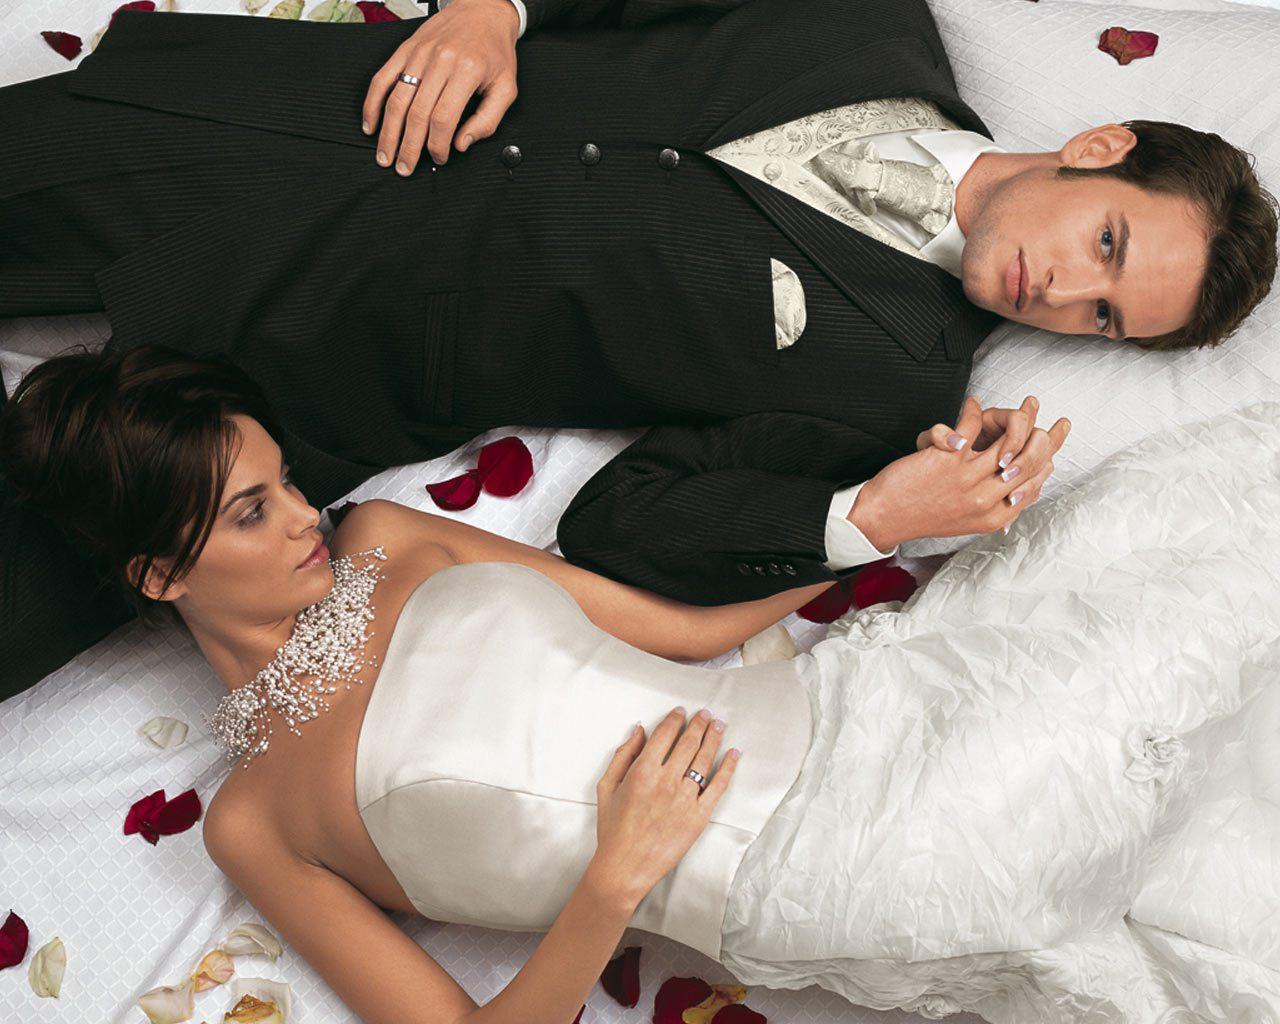 Prva bračna noć bez seksa